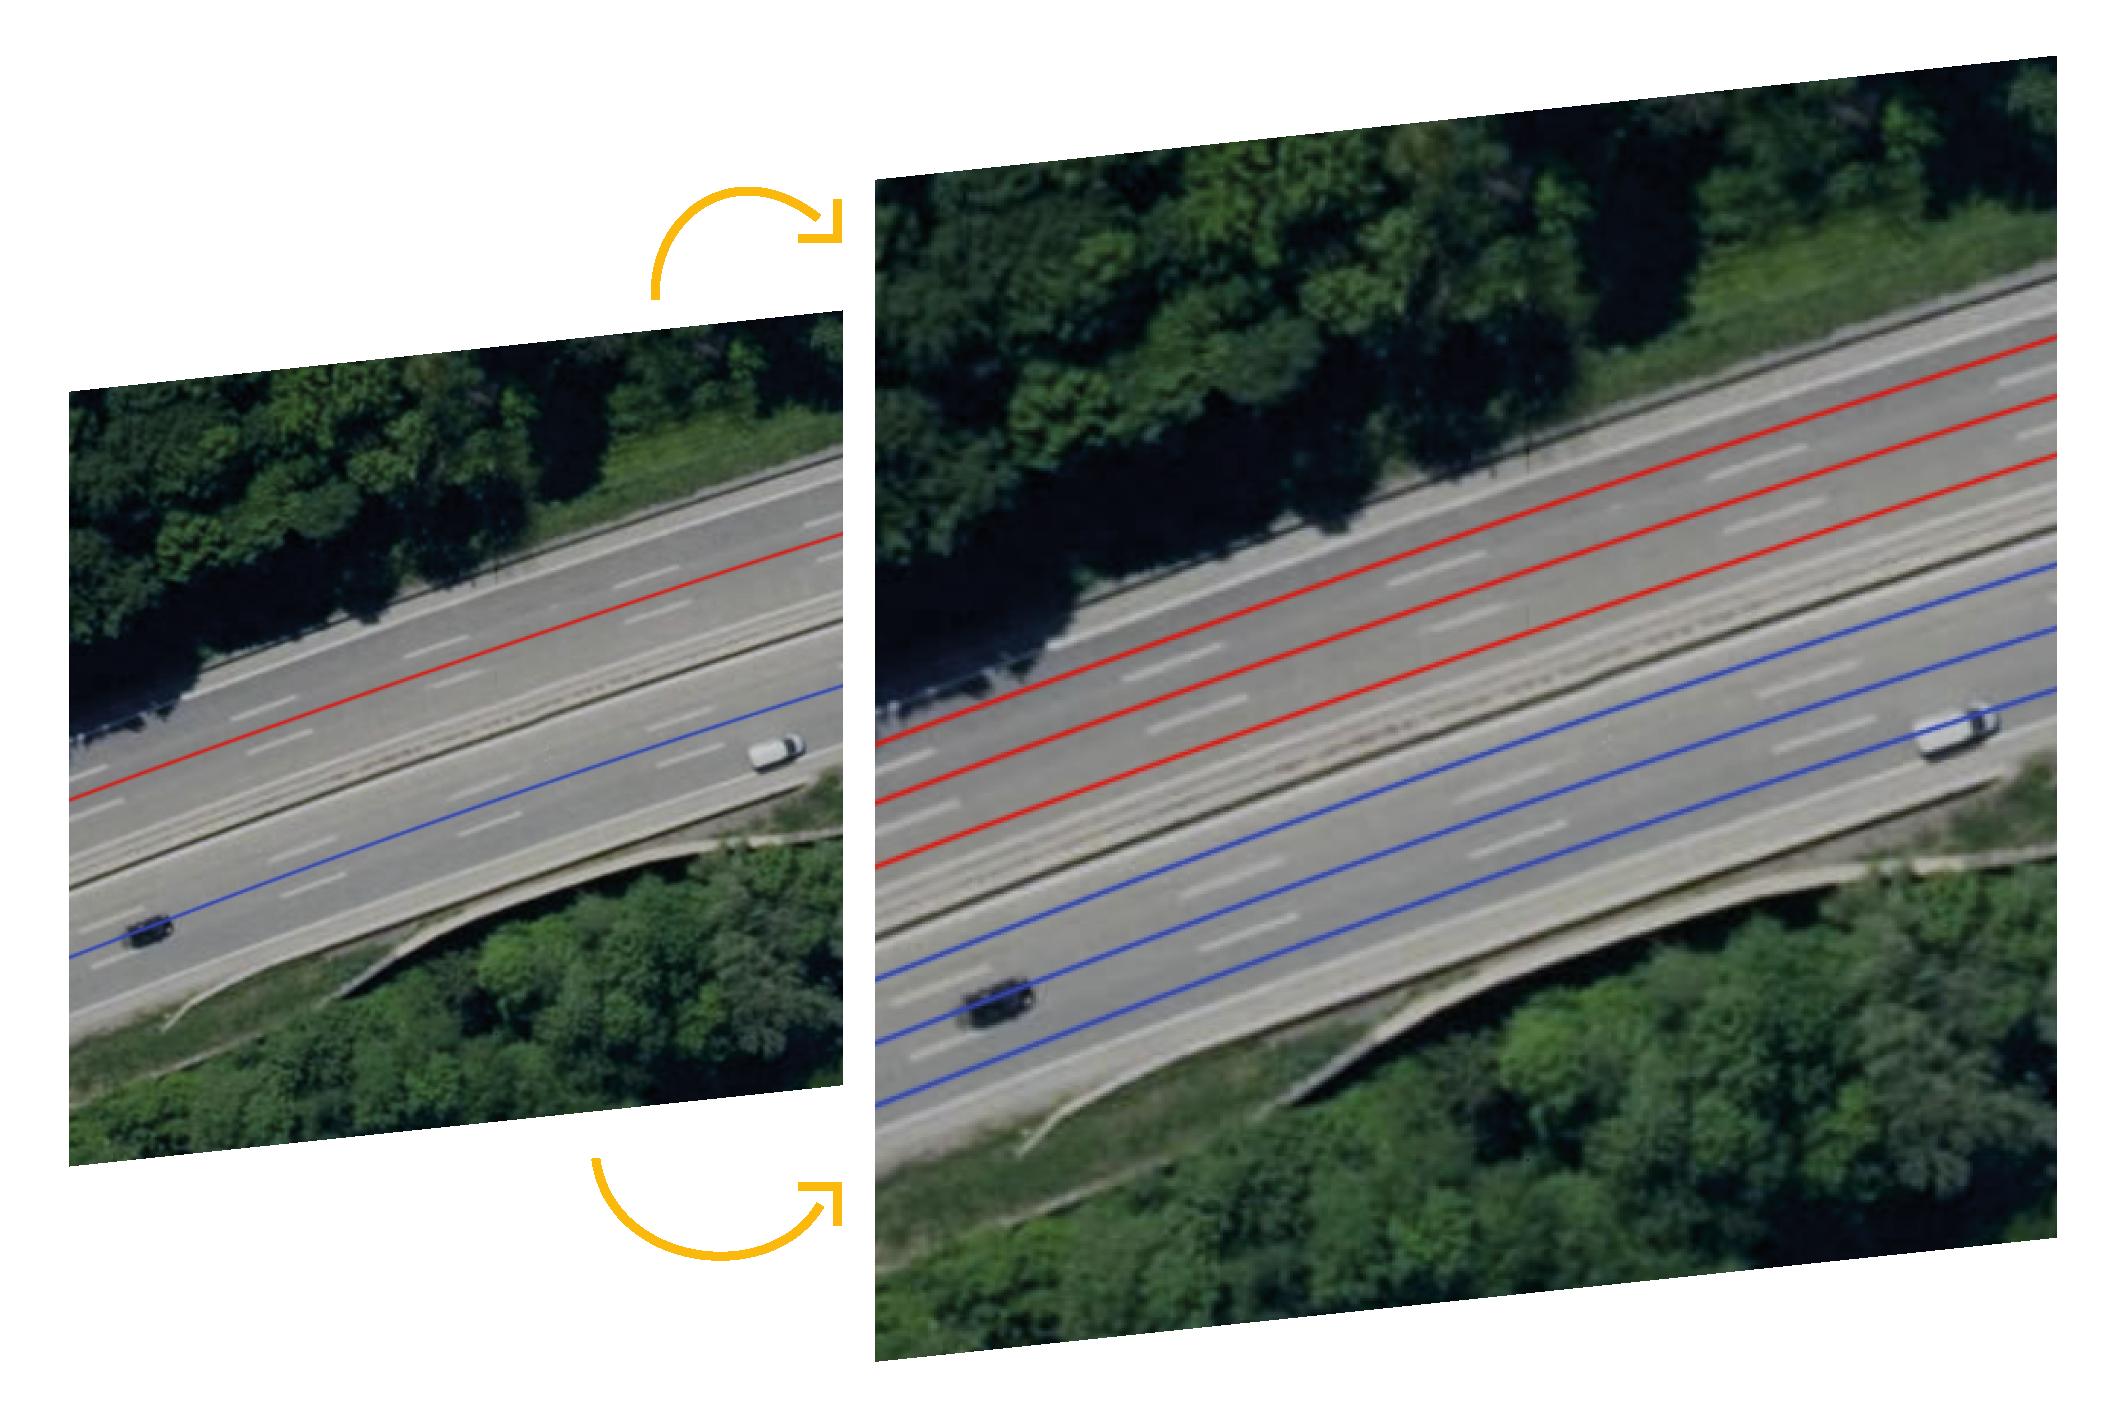 Lanes generiert spurgenaue Straßengraphen